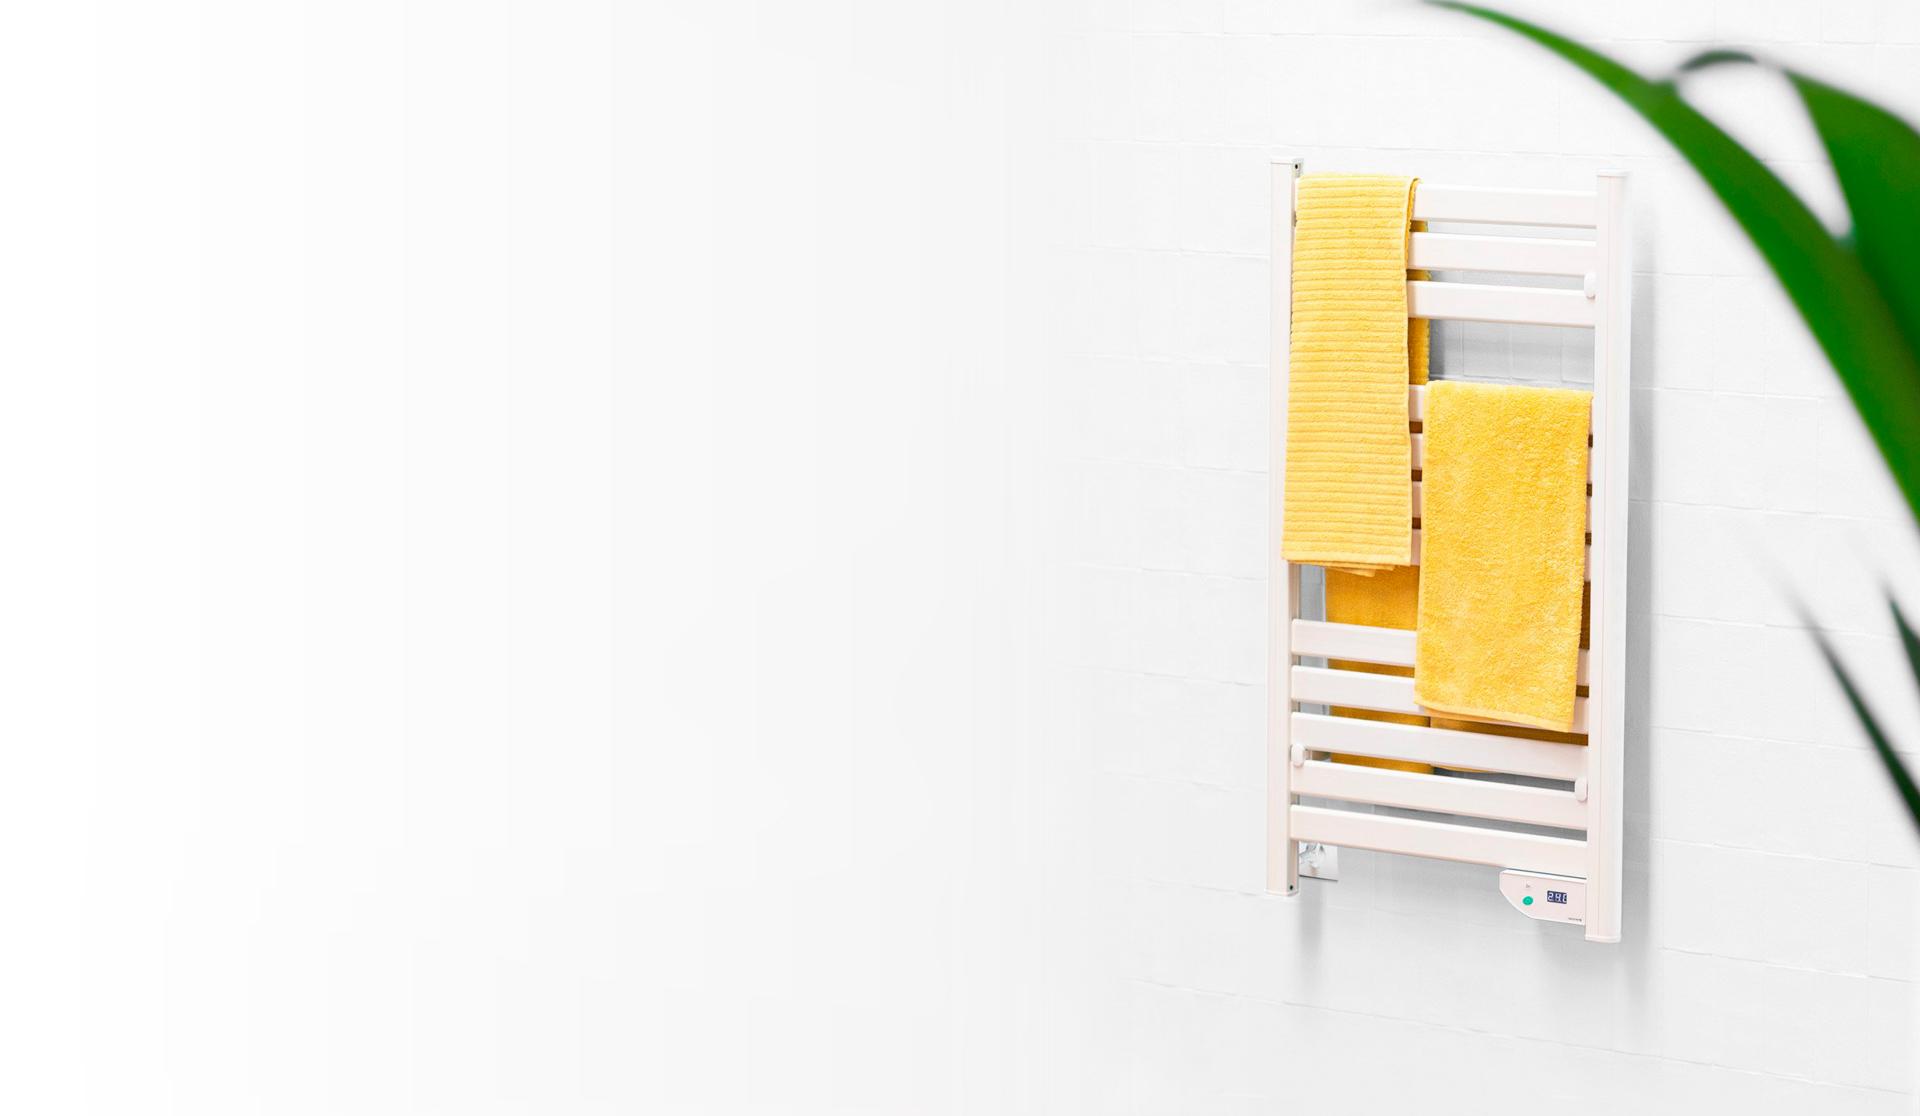 Full Size of Handtuchhalter Heizung Küche Ideale Fr Ihr Zuhause Ikohs Wandtattoo Winkel Ebay Keramik Waschbecken Lüftungsgitter Vorratsschrank Gebrauchte Oberschrank Wohnzimmer Handtuchhalter Heizung Küche